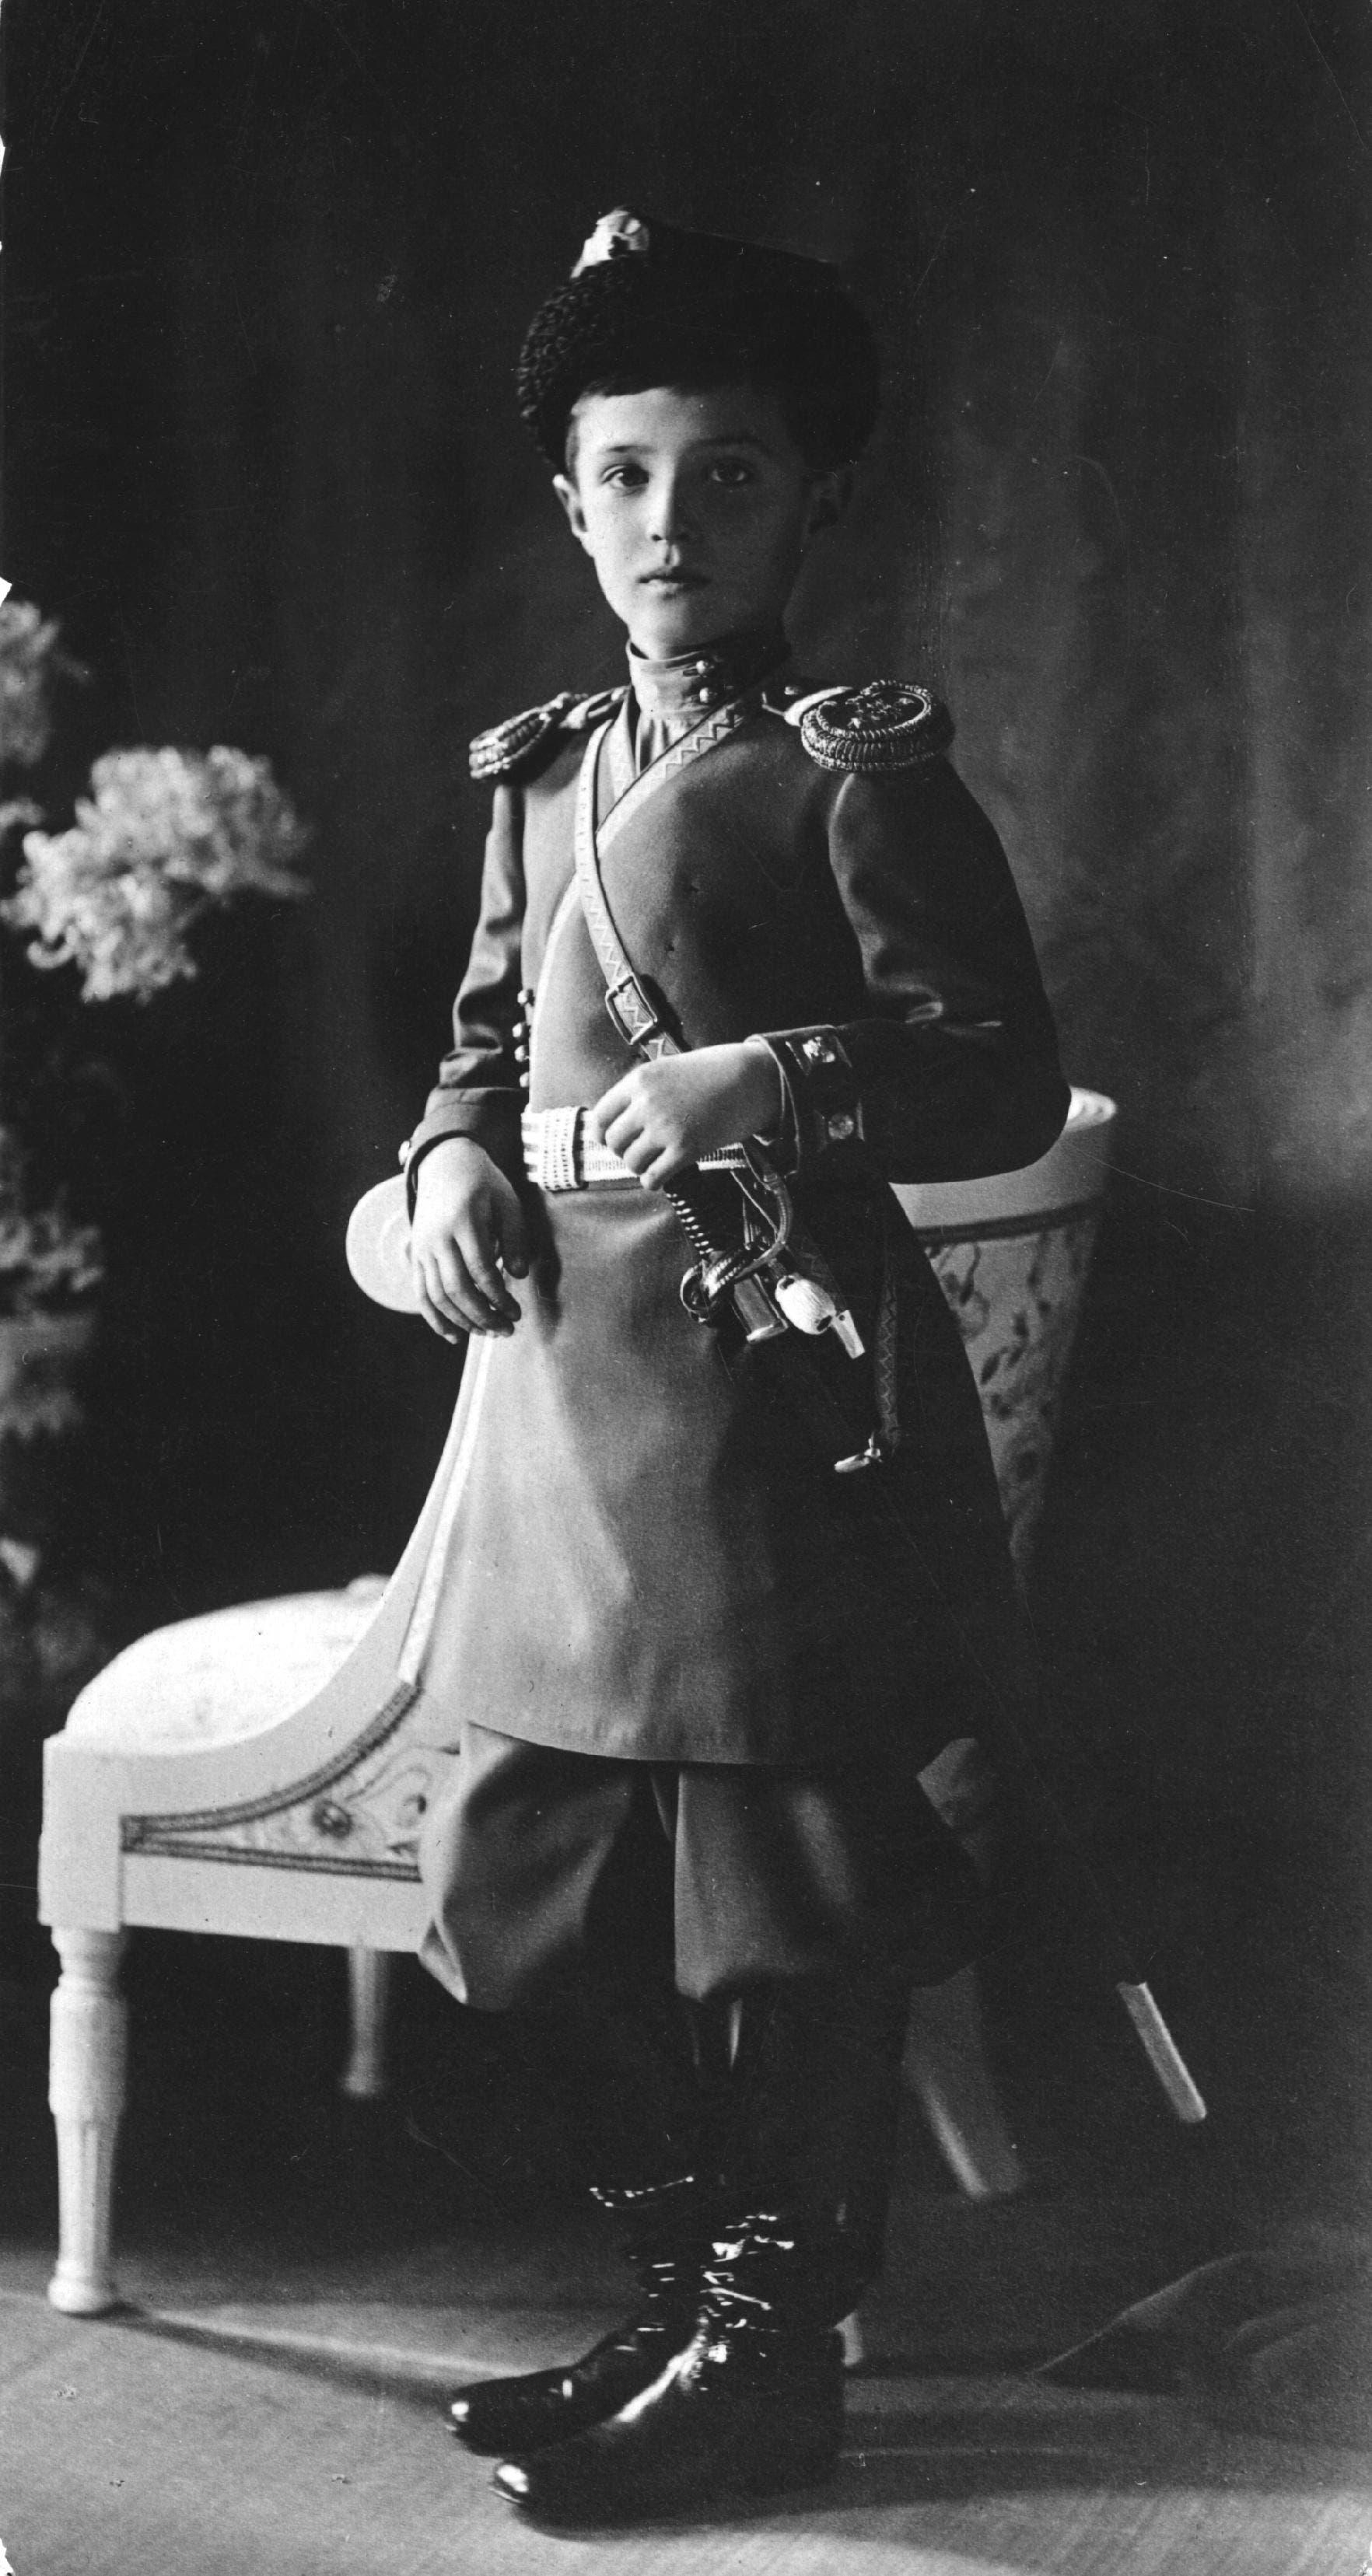 صورة لوريث عرش روسيا ألكسي وهو بالزي العسكري